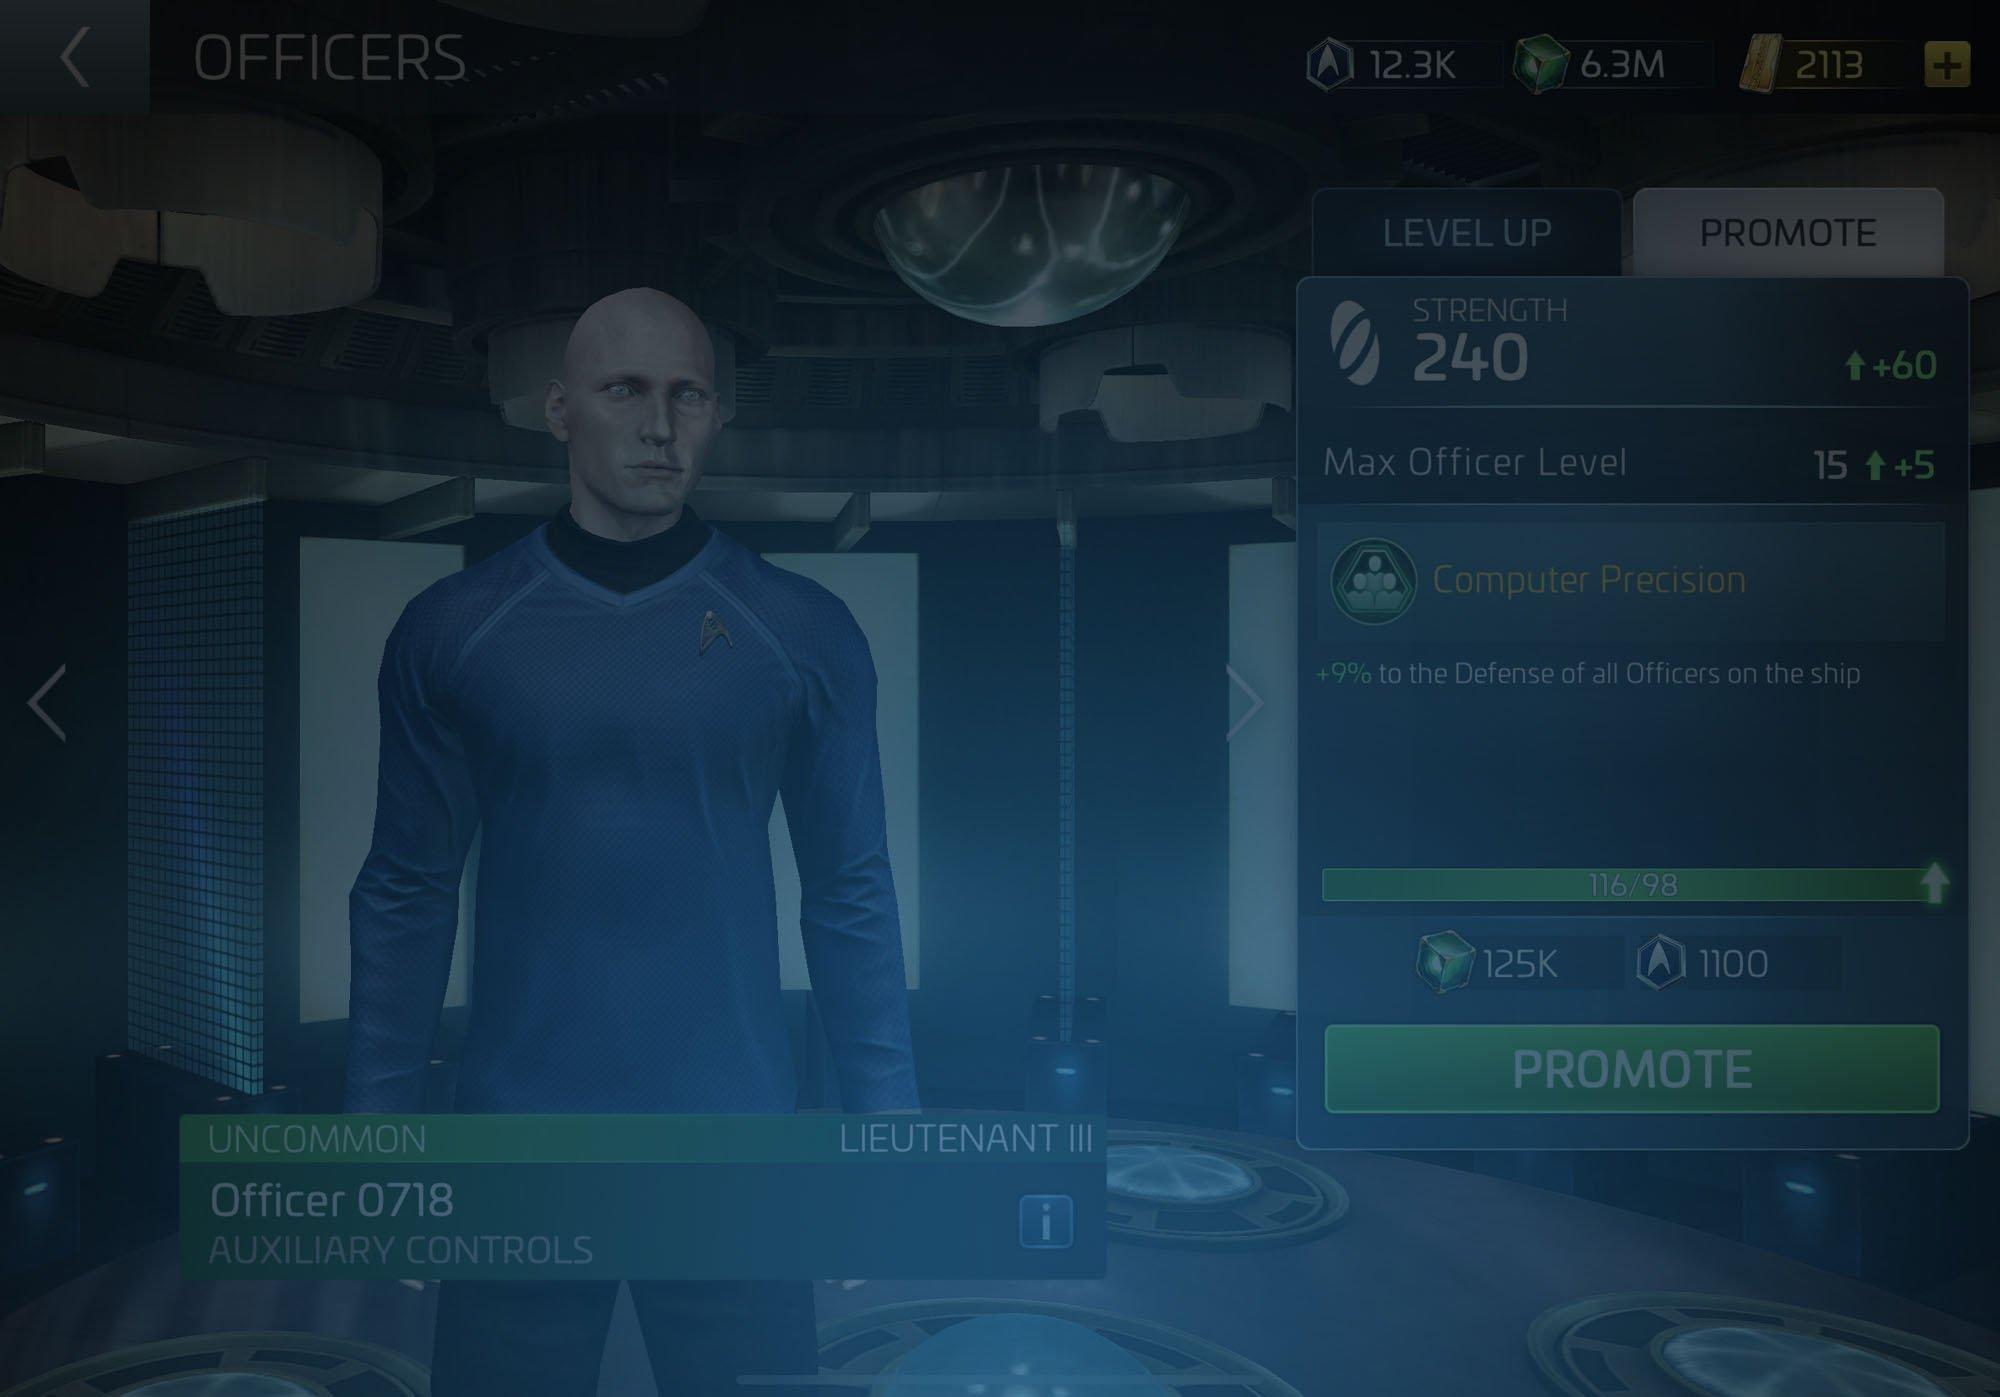 Officer 0718